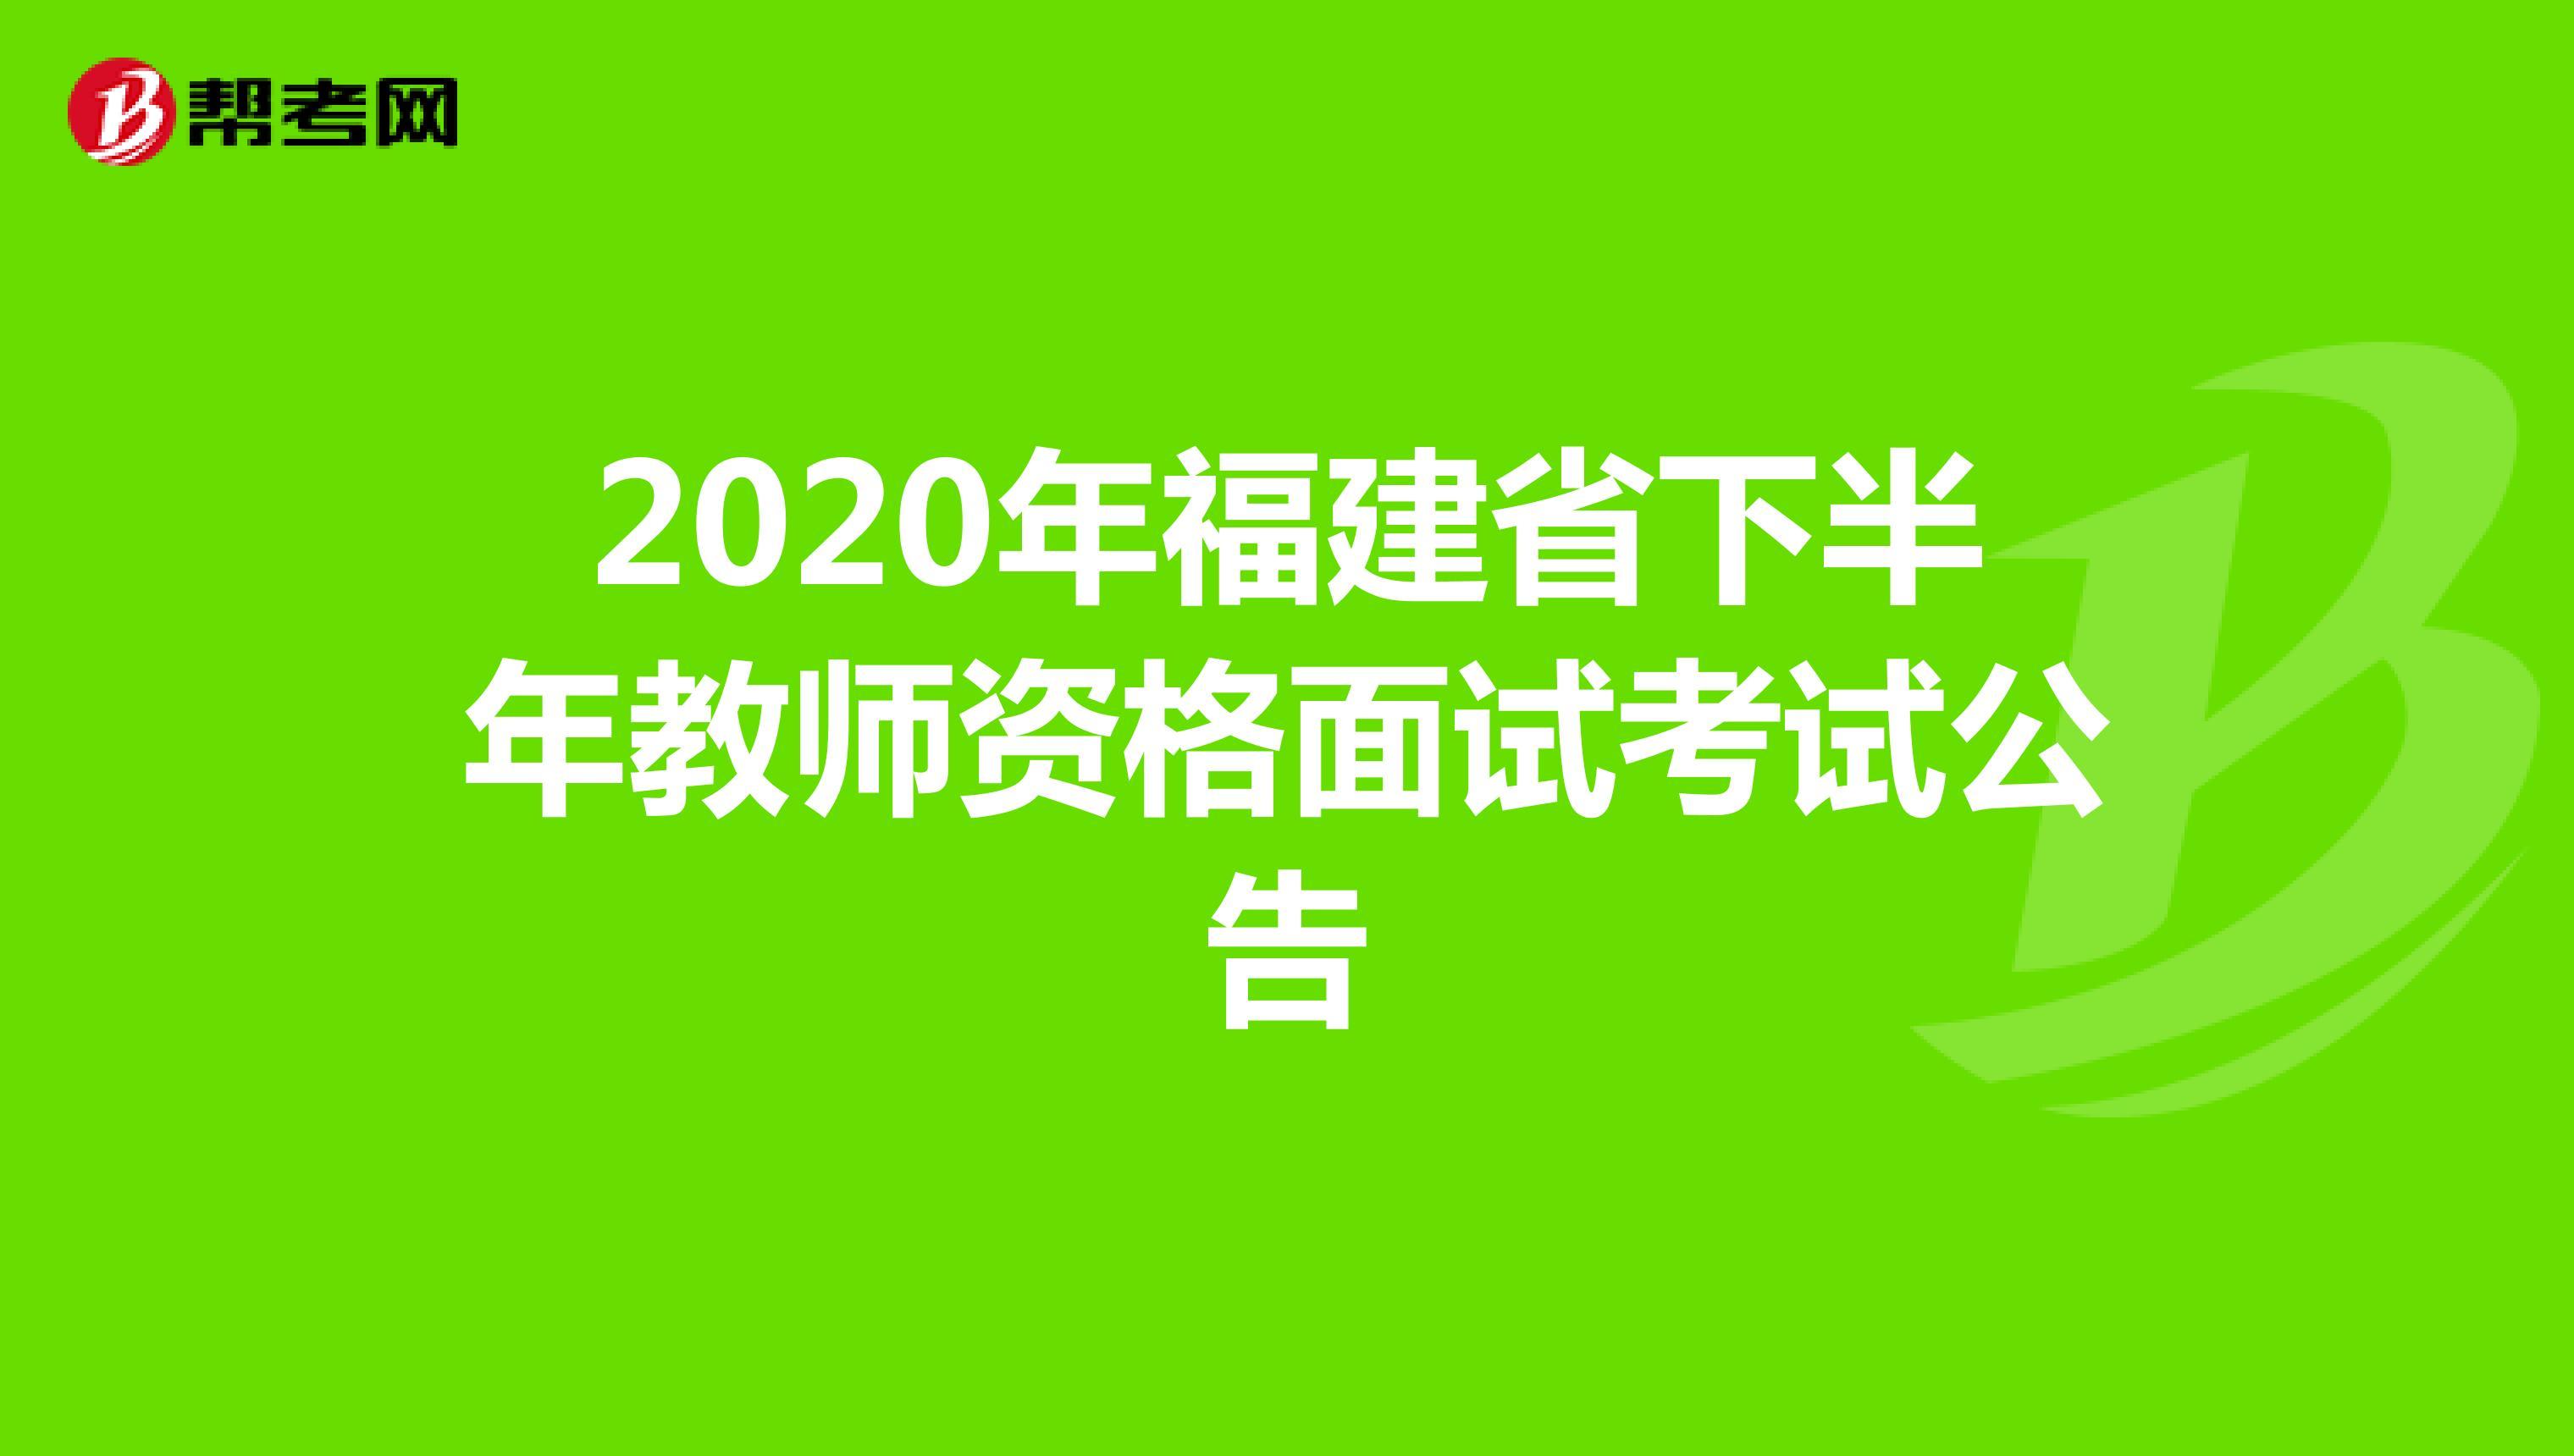 2020年福建省下半年教師資格面試考試公告